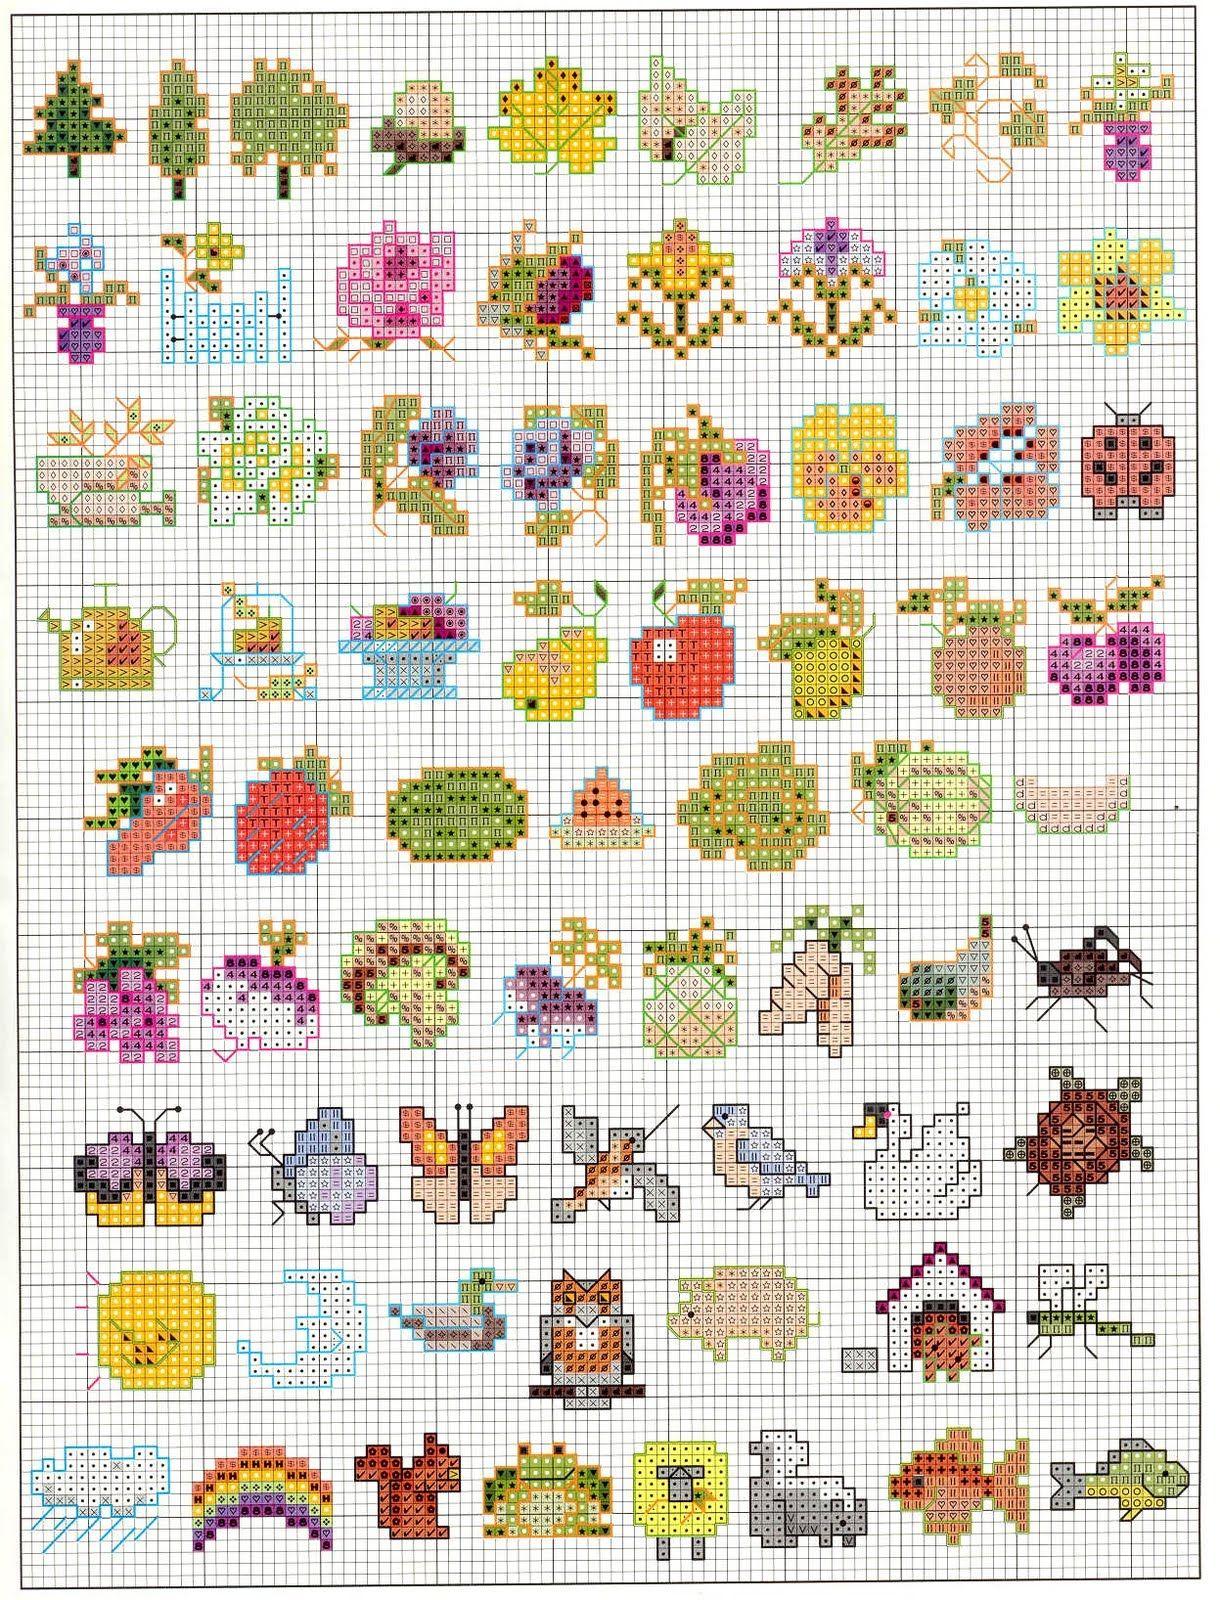 Patrones de dibujos pequeños y faciles | Needlework favorites ...